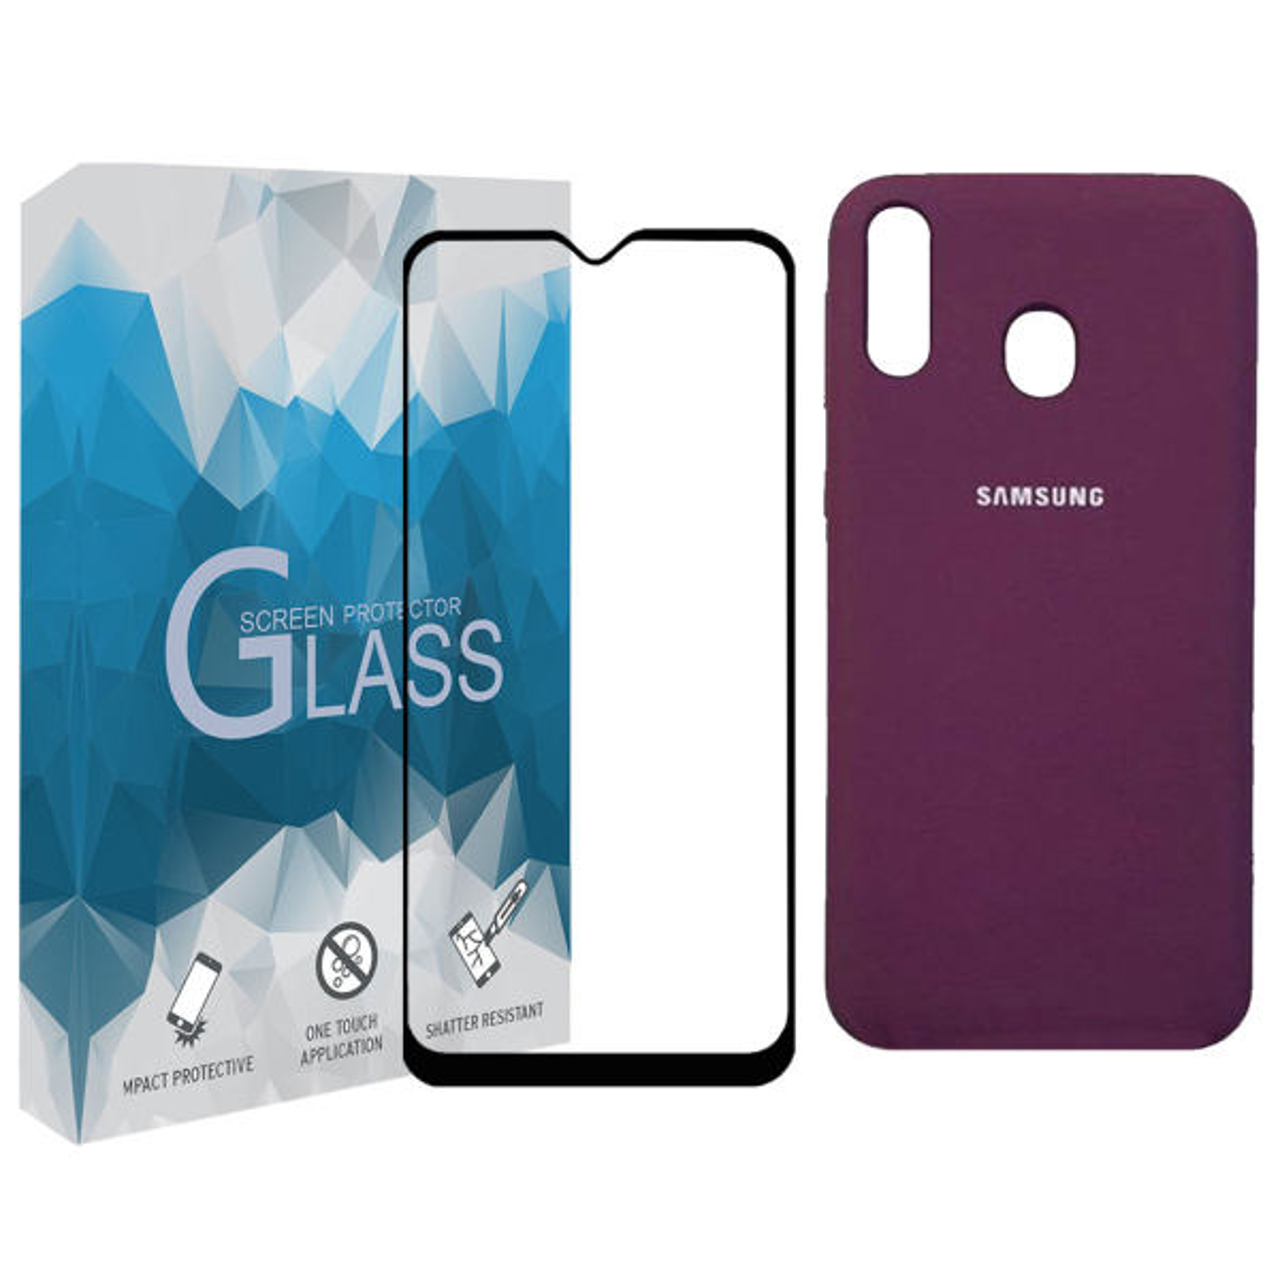 کاورمدل SLCN_02 مناسب برای گوشی موبایل سامسونگ Galaxy A20s به همراه محافظ صفحه نمایش